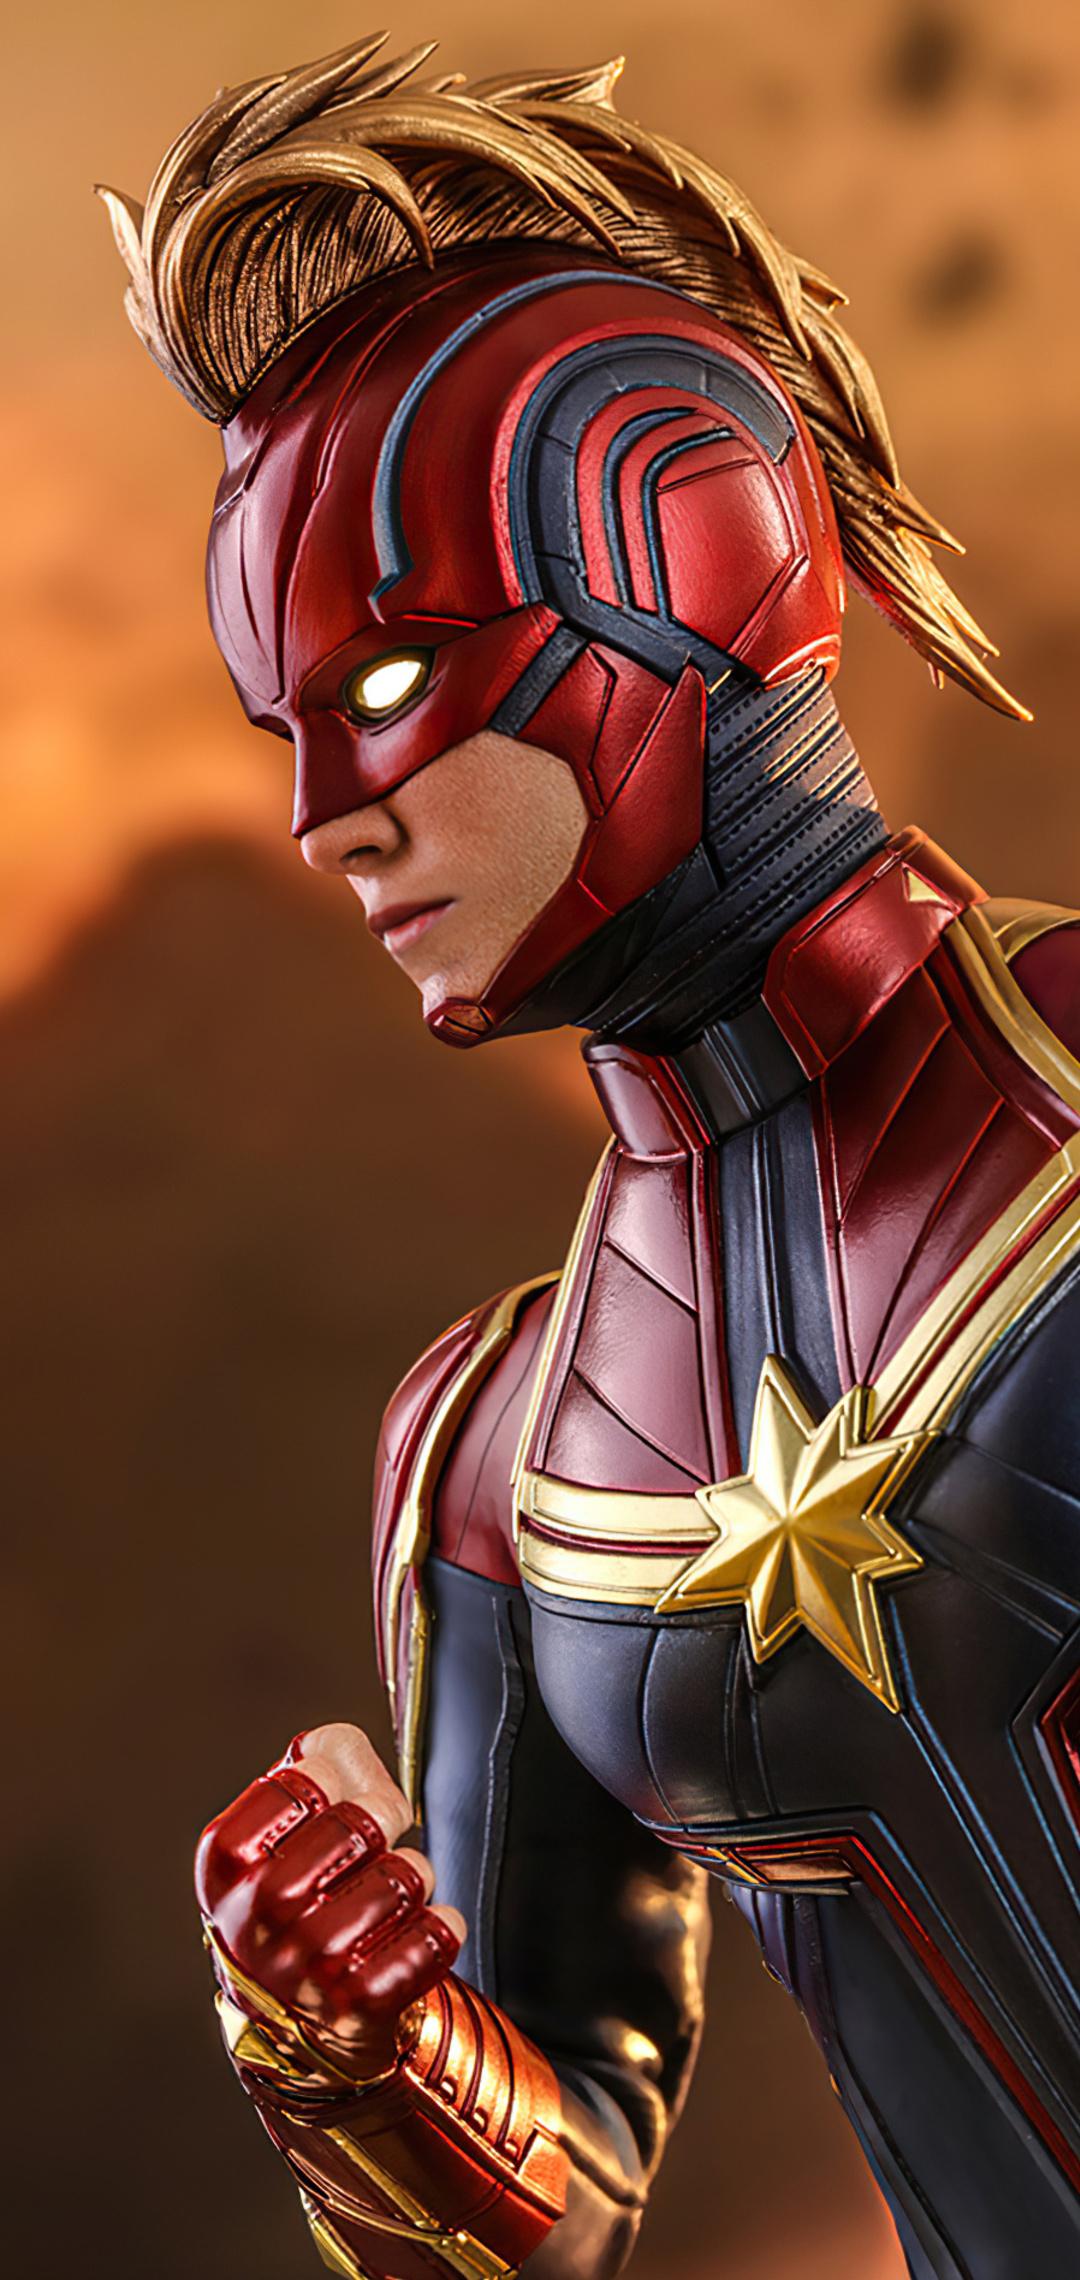 1080x2280 Captain Marvel 2020 Avengers Endgame One Plus 6 ...